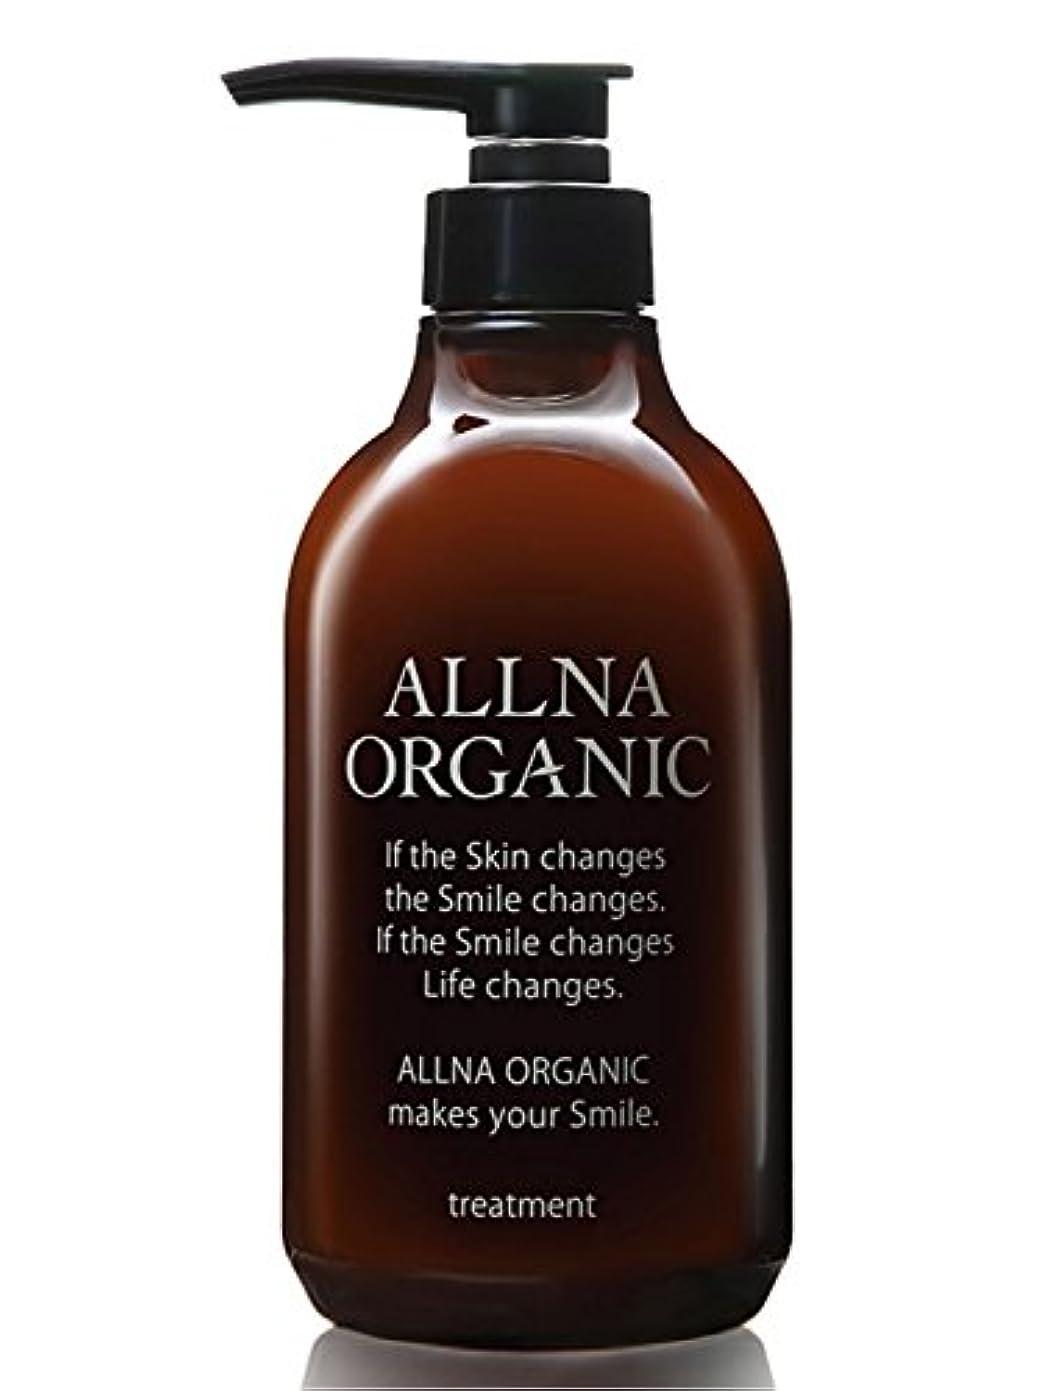 世紀中絶ロマンスオルナ オーガニック トリートメント (コンディショナー) 合成香料不使用でボタニカルな香り「コラーゲン ヒアルロン酸 ビタミンC誘導体 セラミド 配合」500ml (トリートメント ボトル) (スムース)